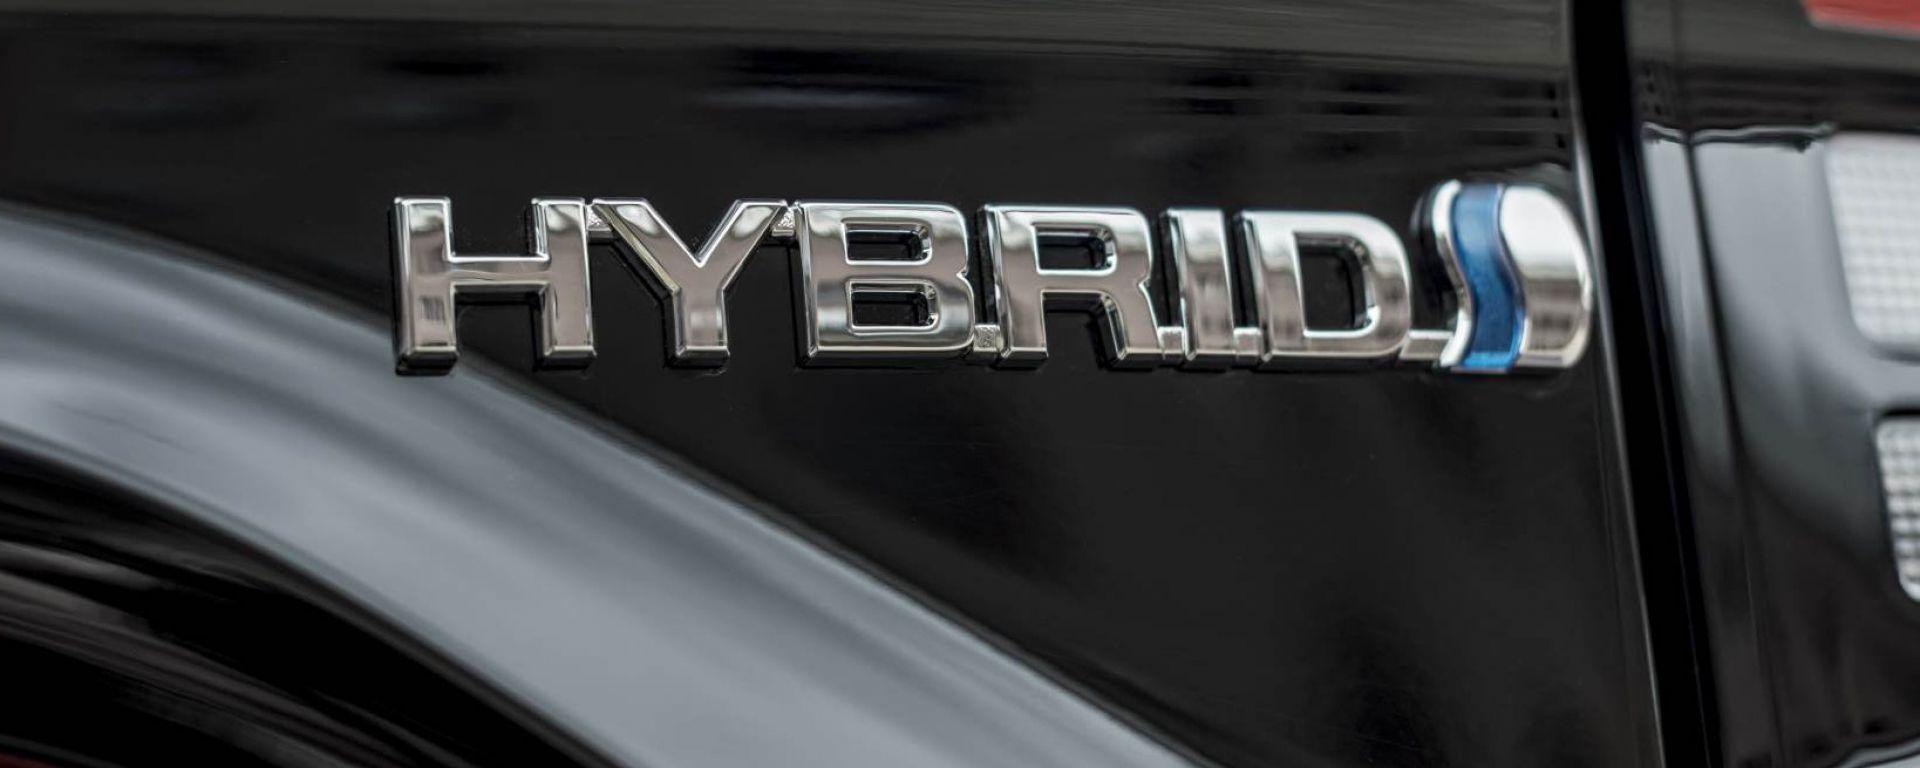 Incentivi auto 2020, nuova fascia per le ibride